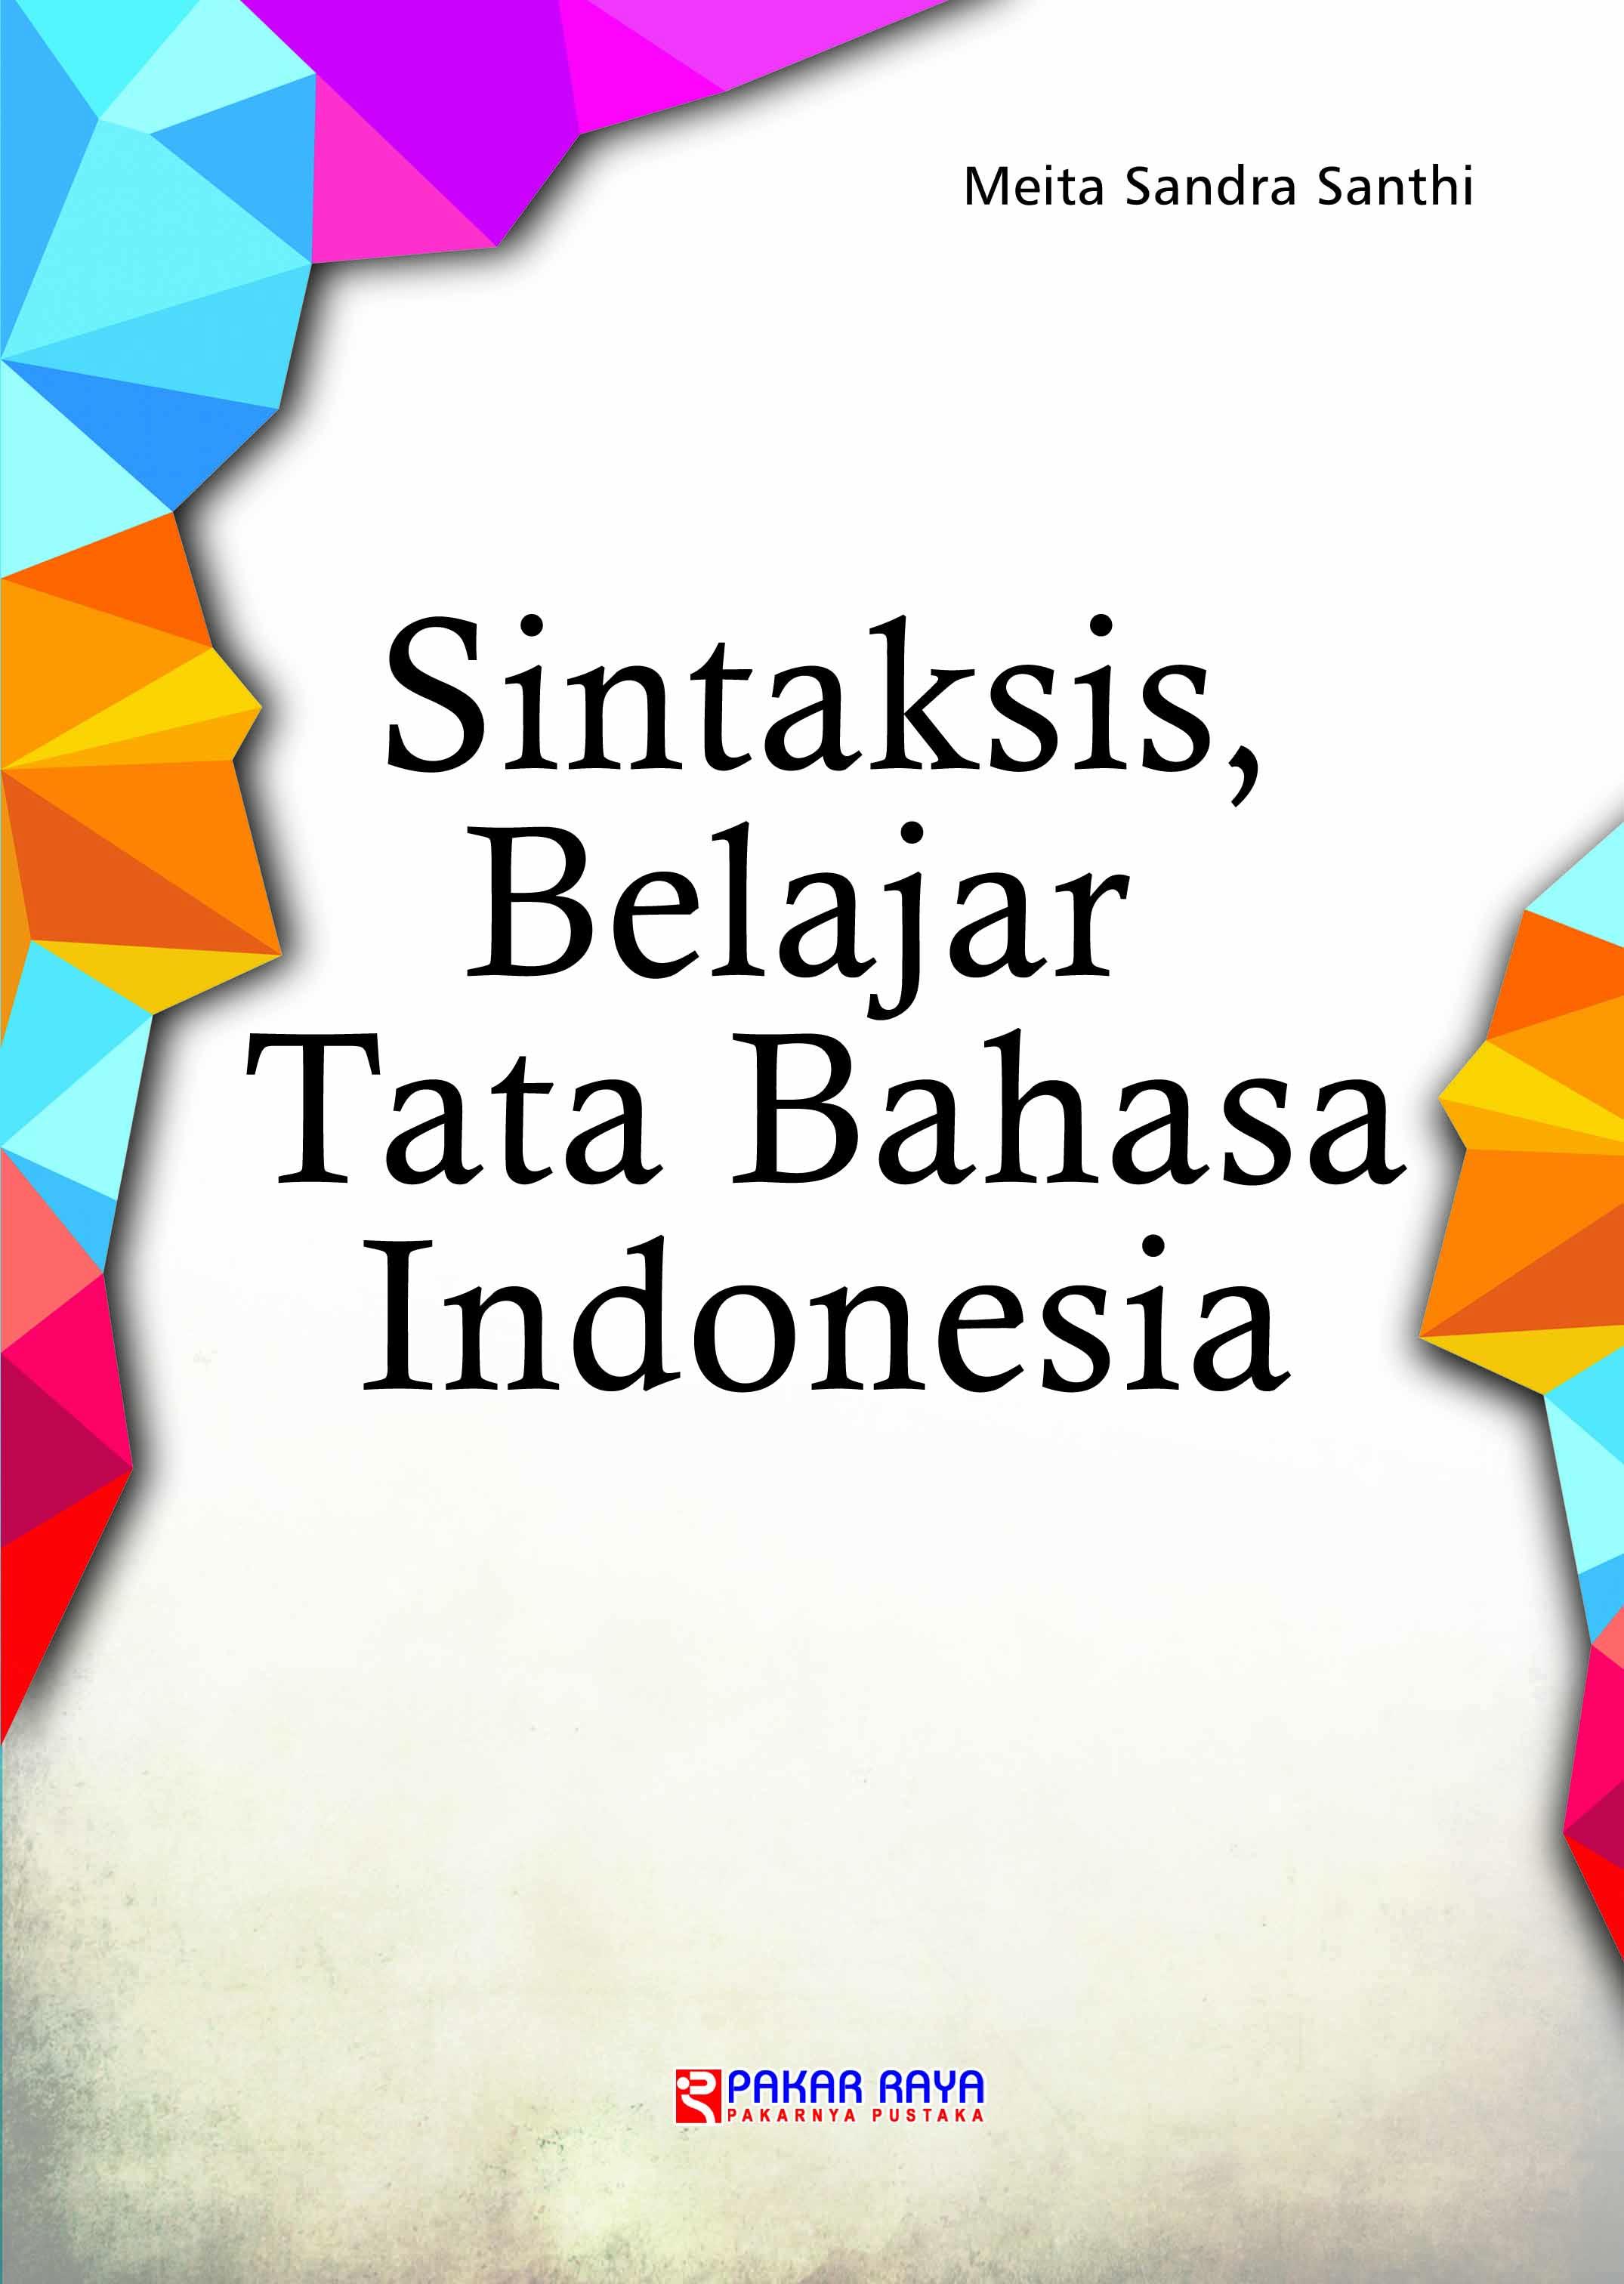 Sintaksis, belajar tata bahasa Indonesia [sumber elektronis]